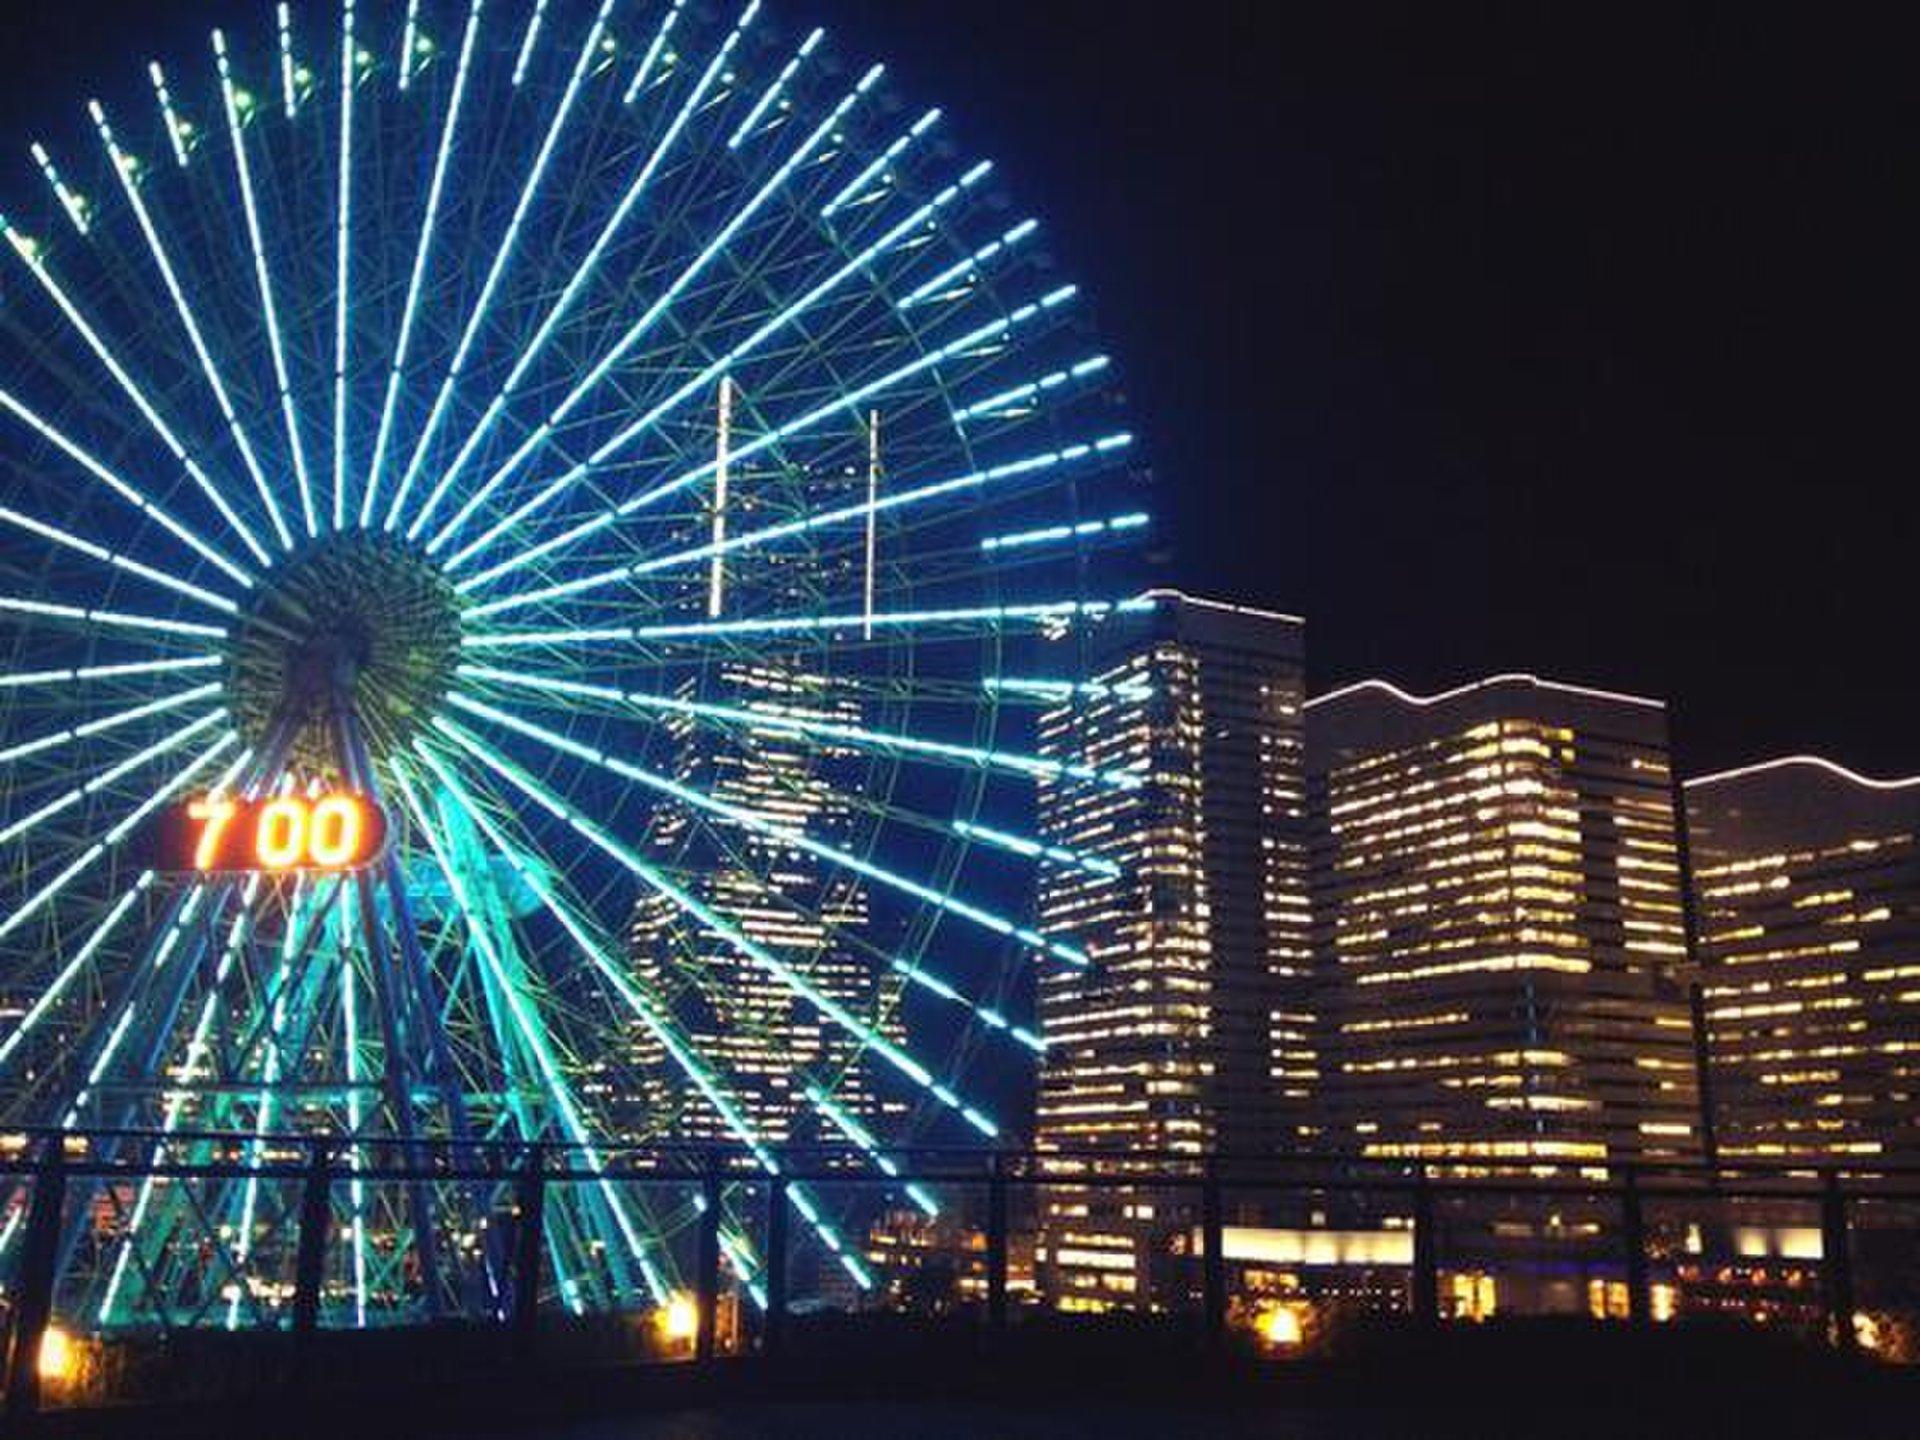 横浜・みなとみらい観光!デートにおすすめ!話題のカップヌードルミュージアムから万葉の湯へ!